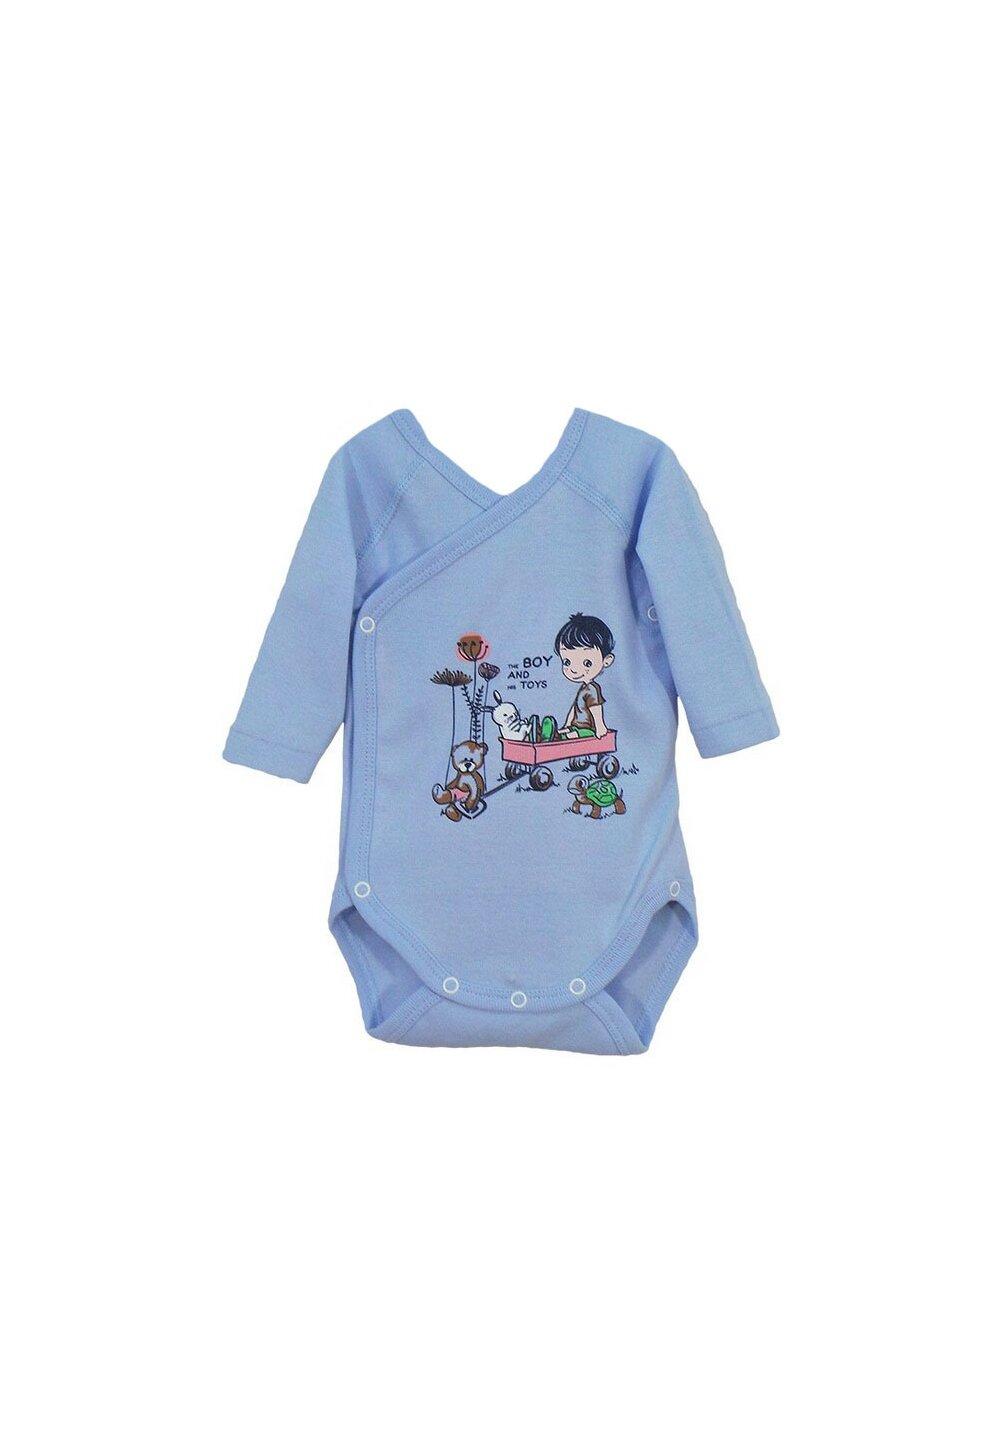 Body maneca lunga, The boy and his toys, albastru imagine